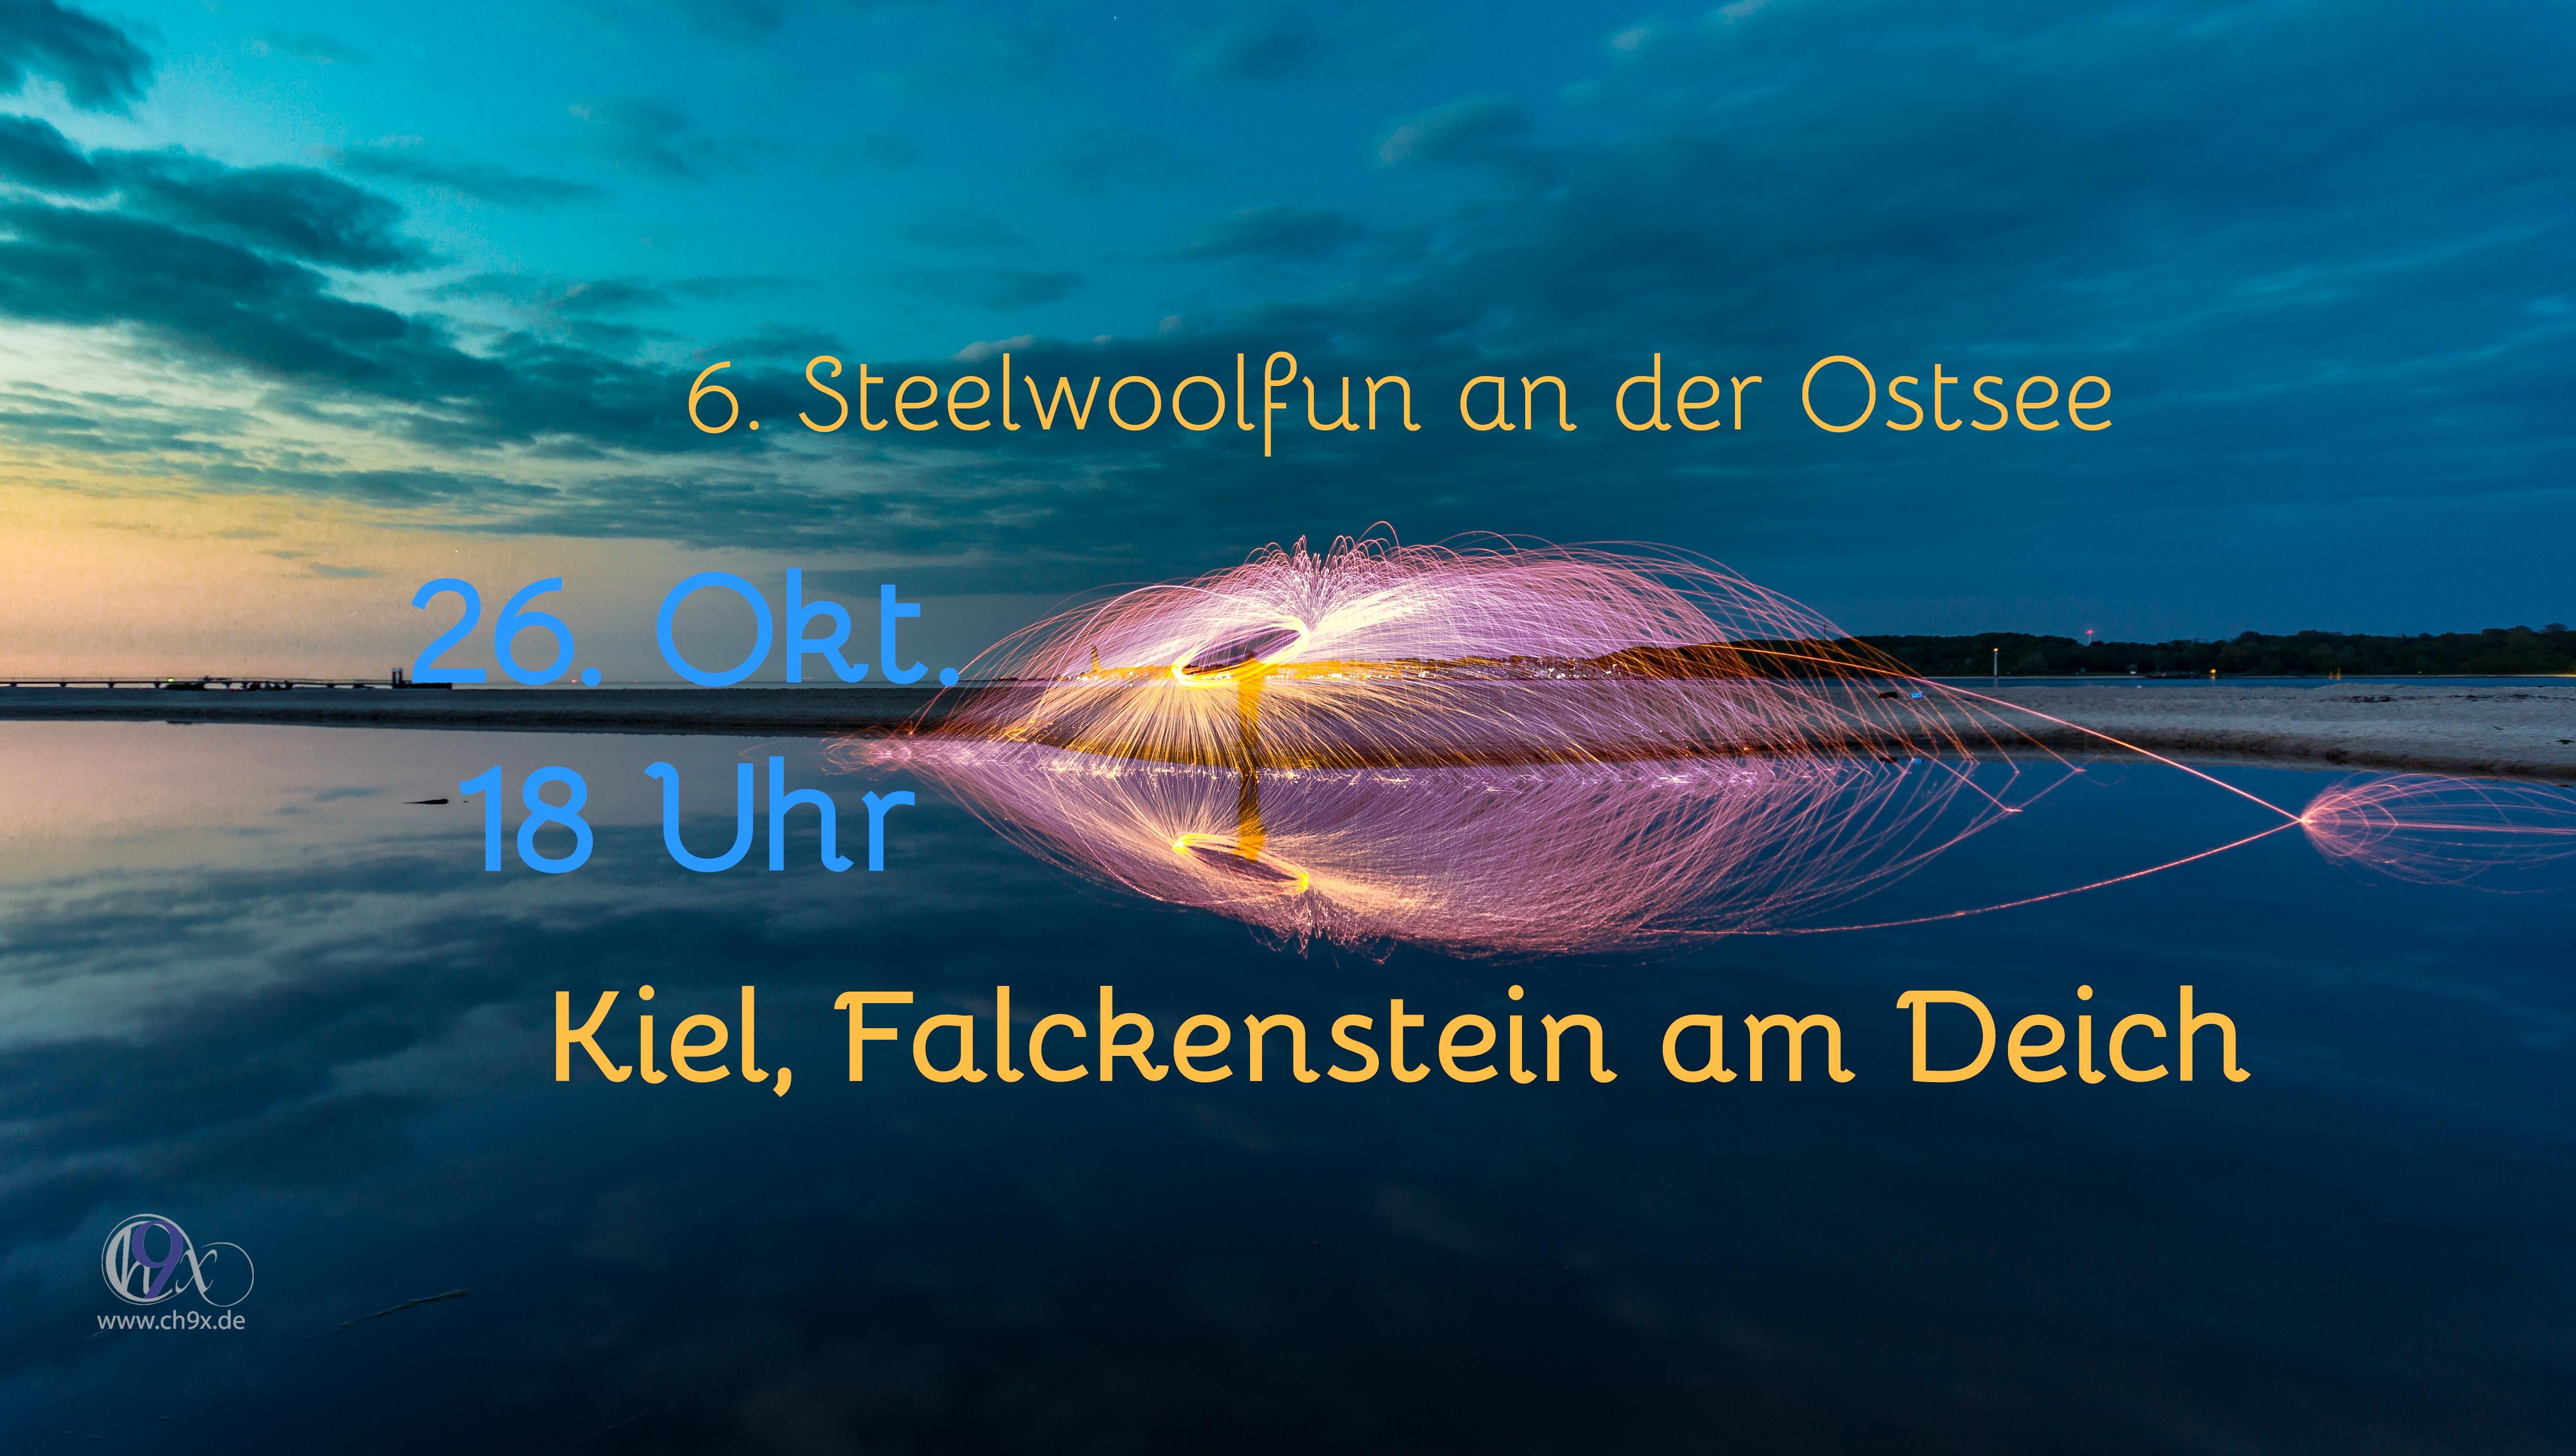 6. Steelwoolfun an der Ostsee